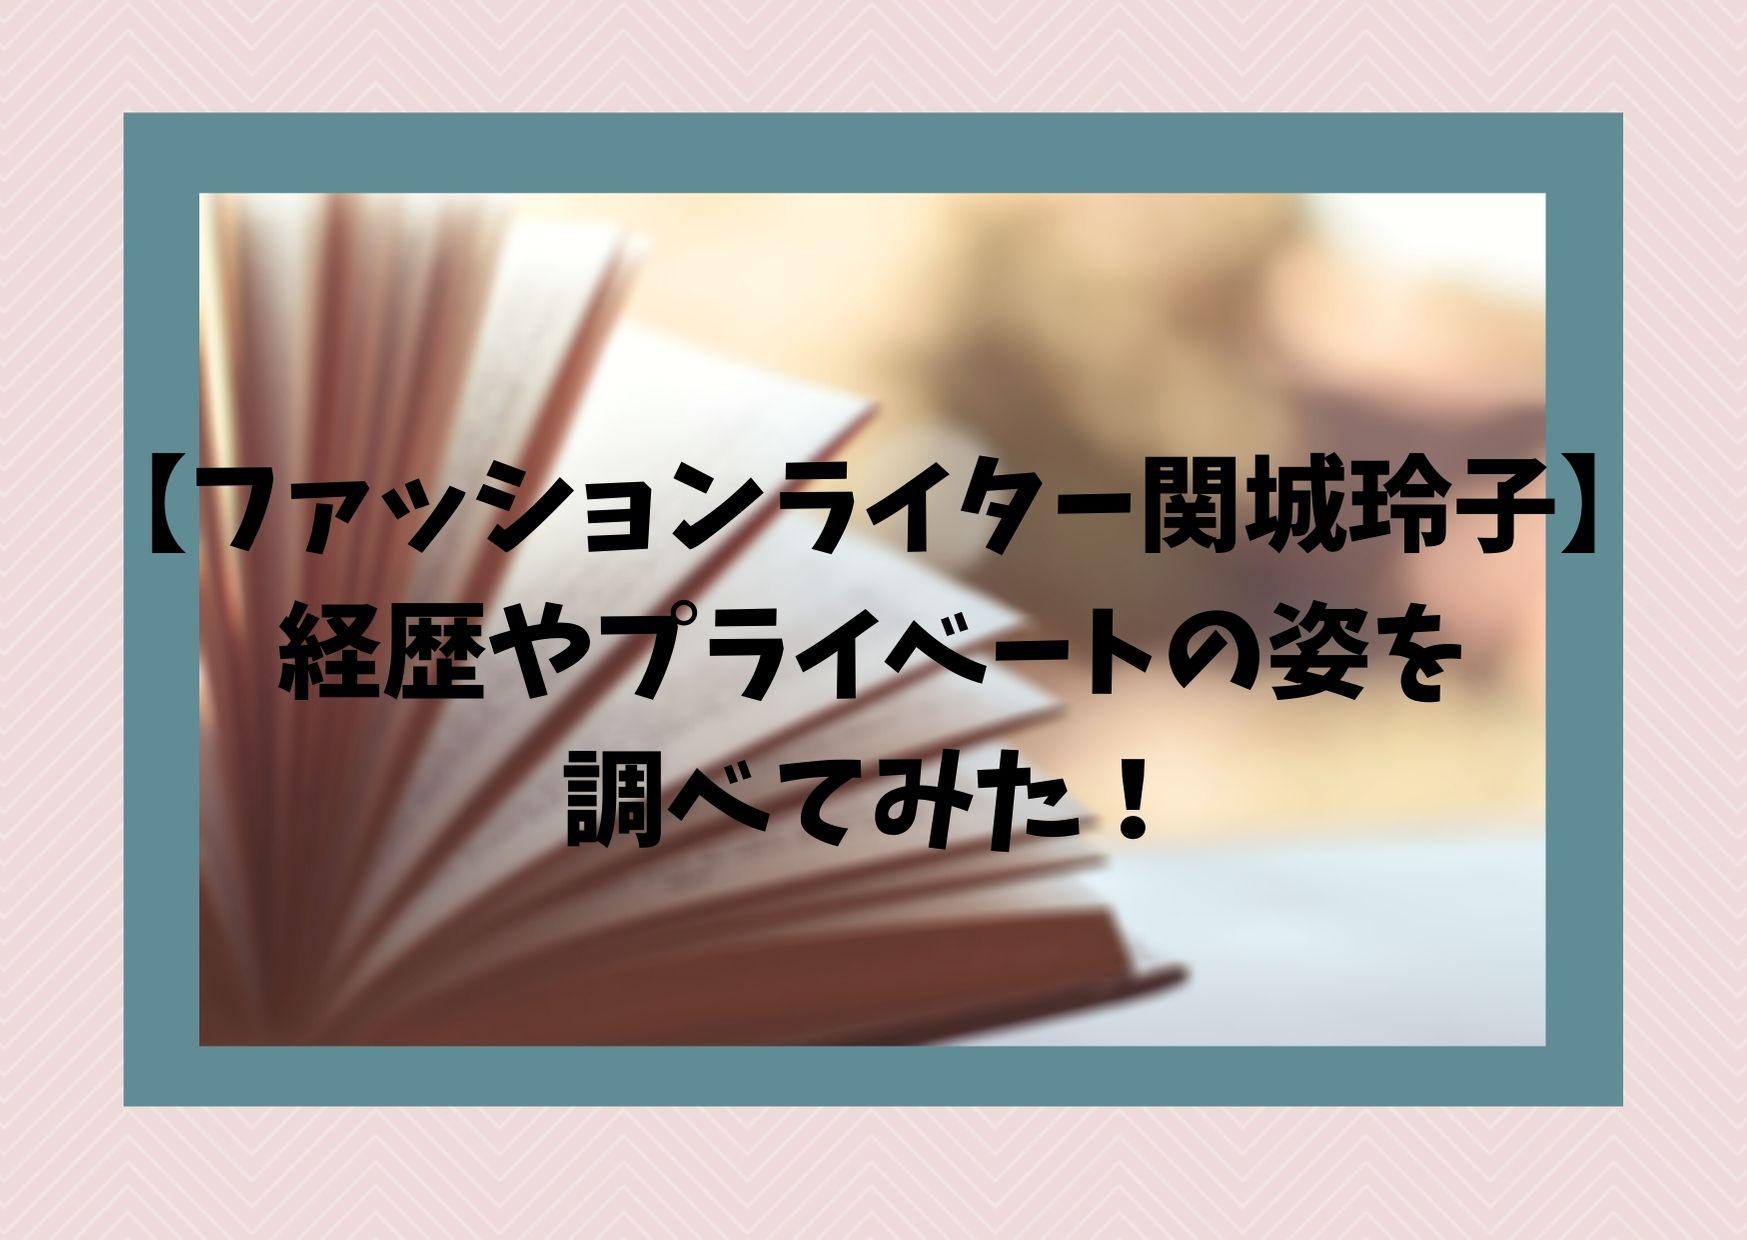 【ファッションライター関城玲子】経歴やNETの病気について調べてみた!